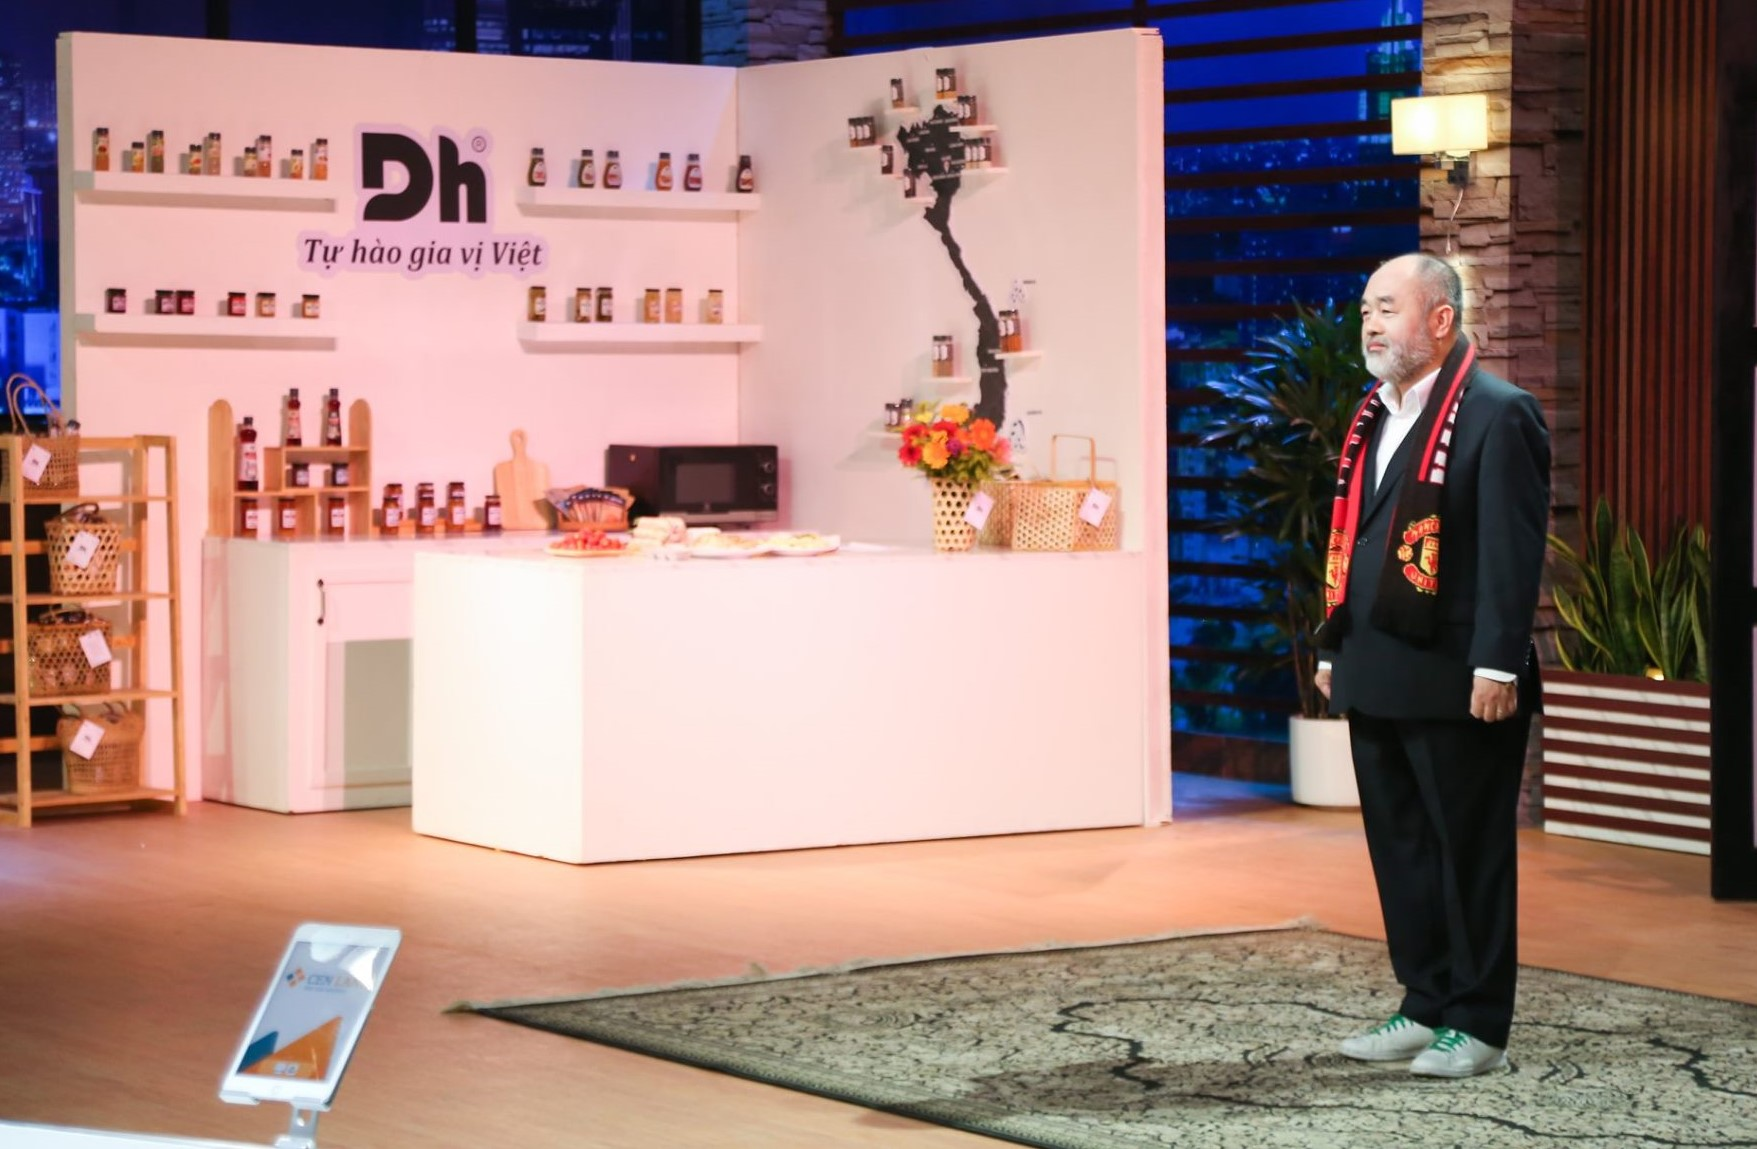 Ông Nguyễn TrungDũng và thương hiệu Dh Foods nổi tiếng ở Việt Nam.